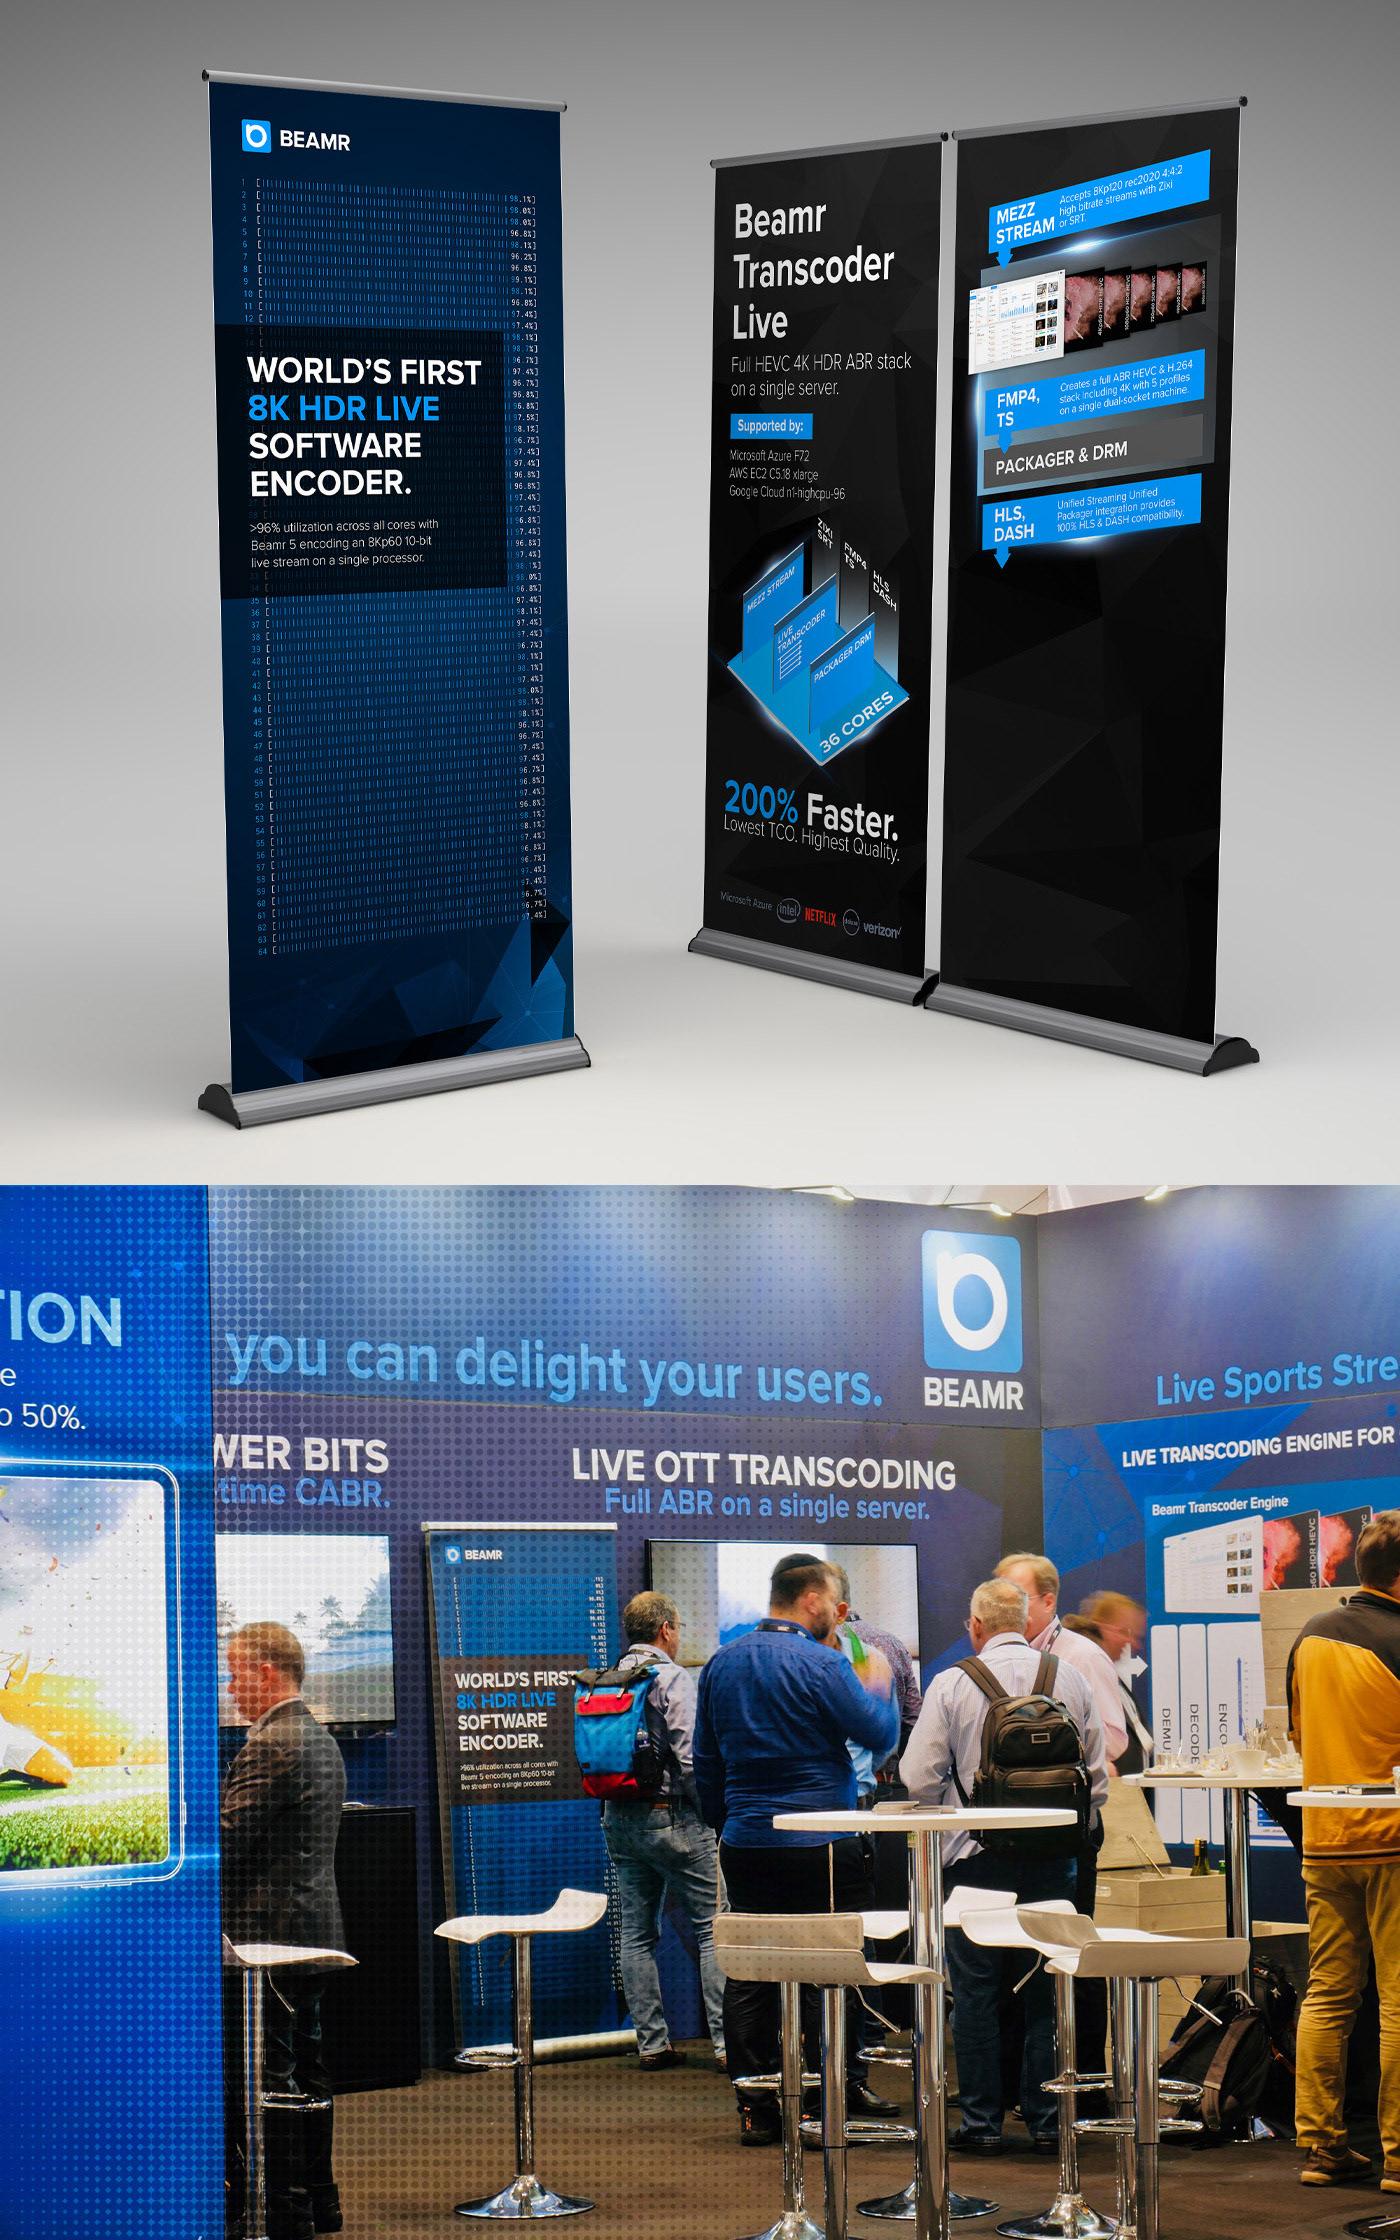 Image may contain: screenshot, computer and billboard